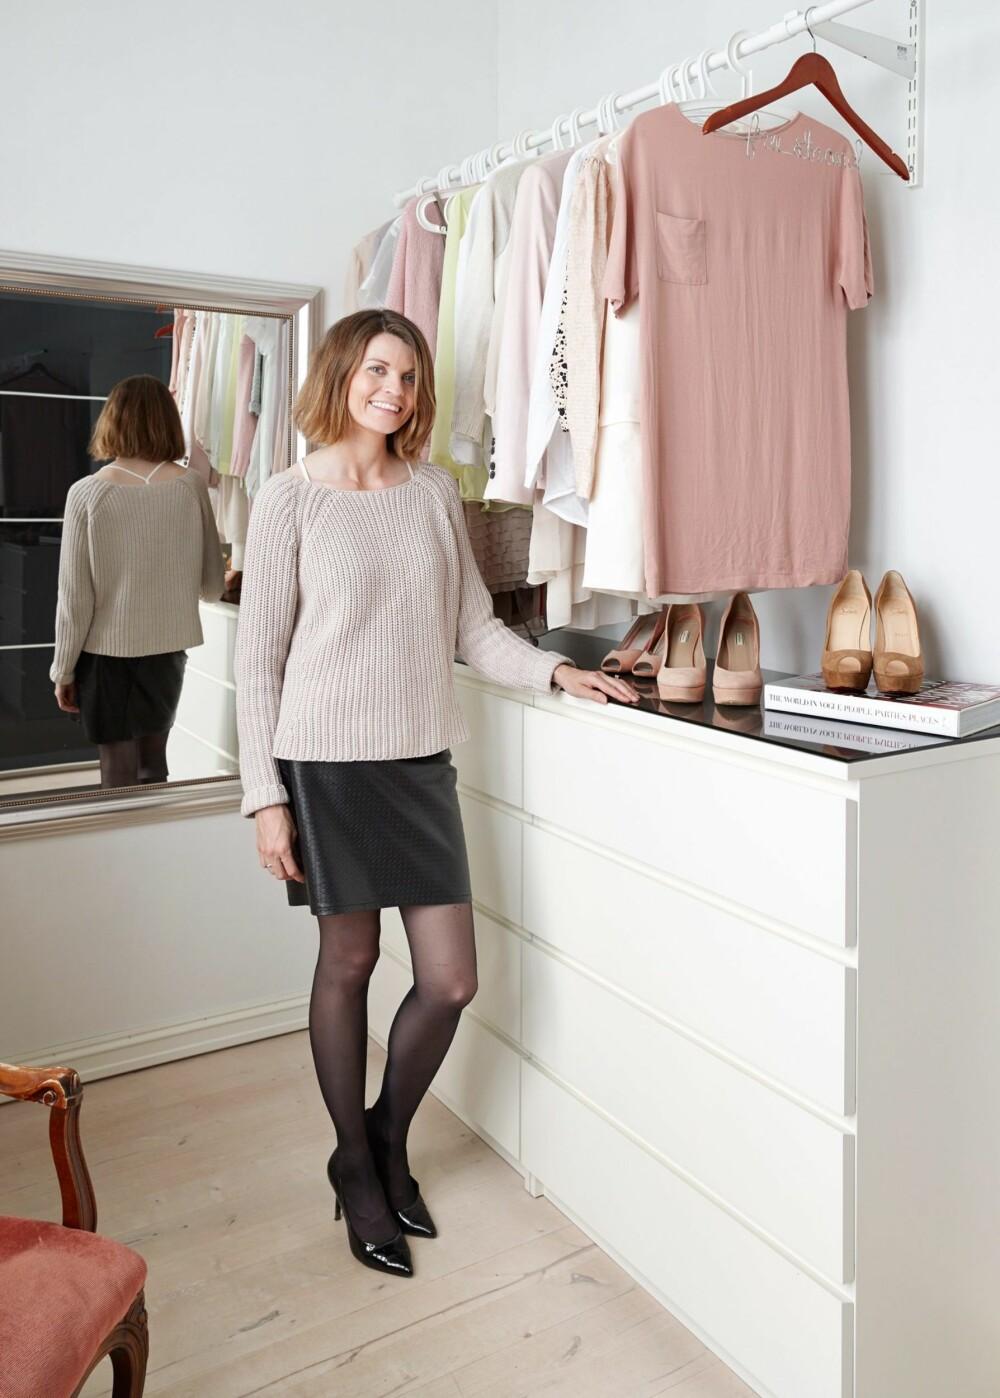 DELIKAT OG DUST: Madeleine Strand henger noen av klærne sine på en garderobestang.Hun skifter gjerne ut etter sesong.